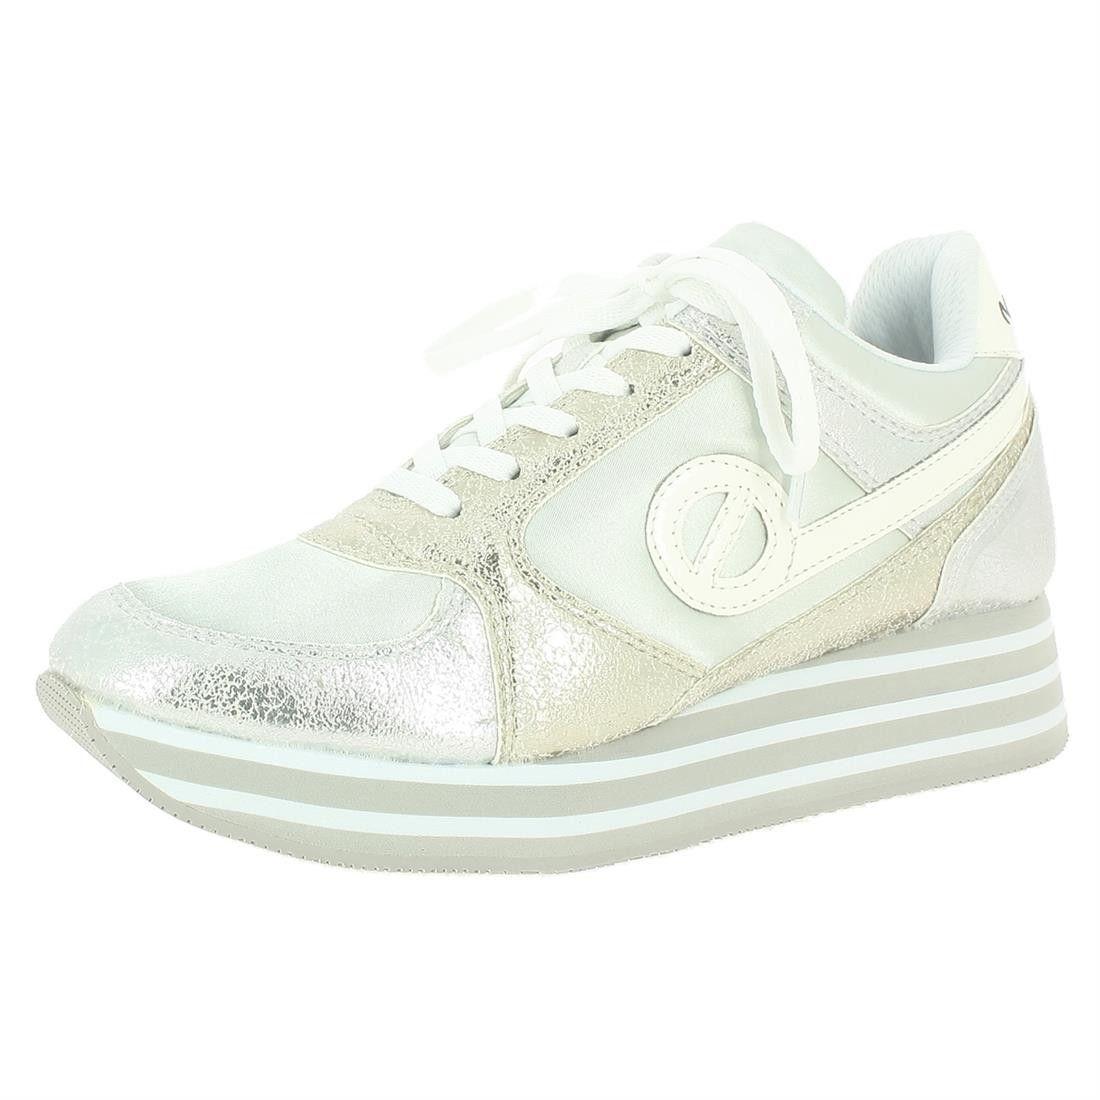 BEAMS Sneakers & Tennis basses homme. pp7LZ